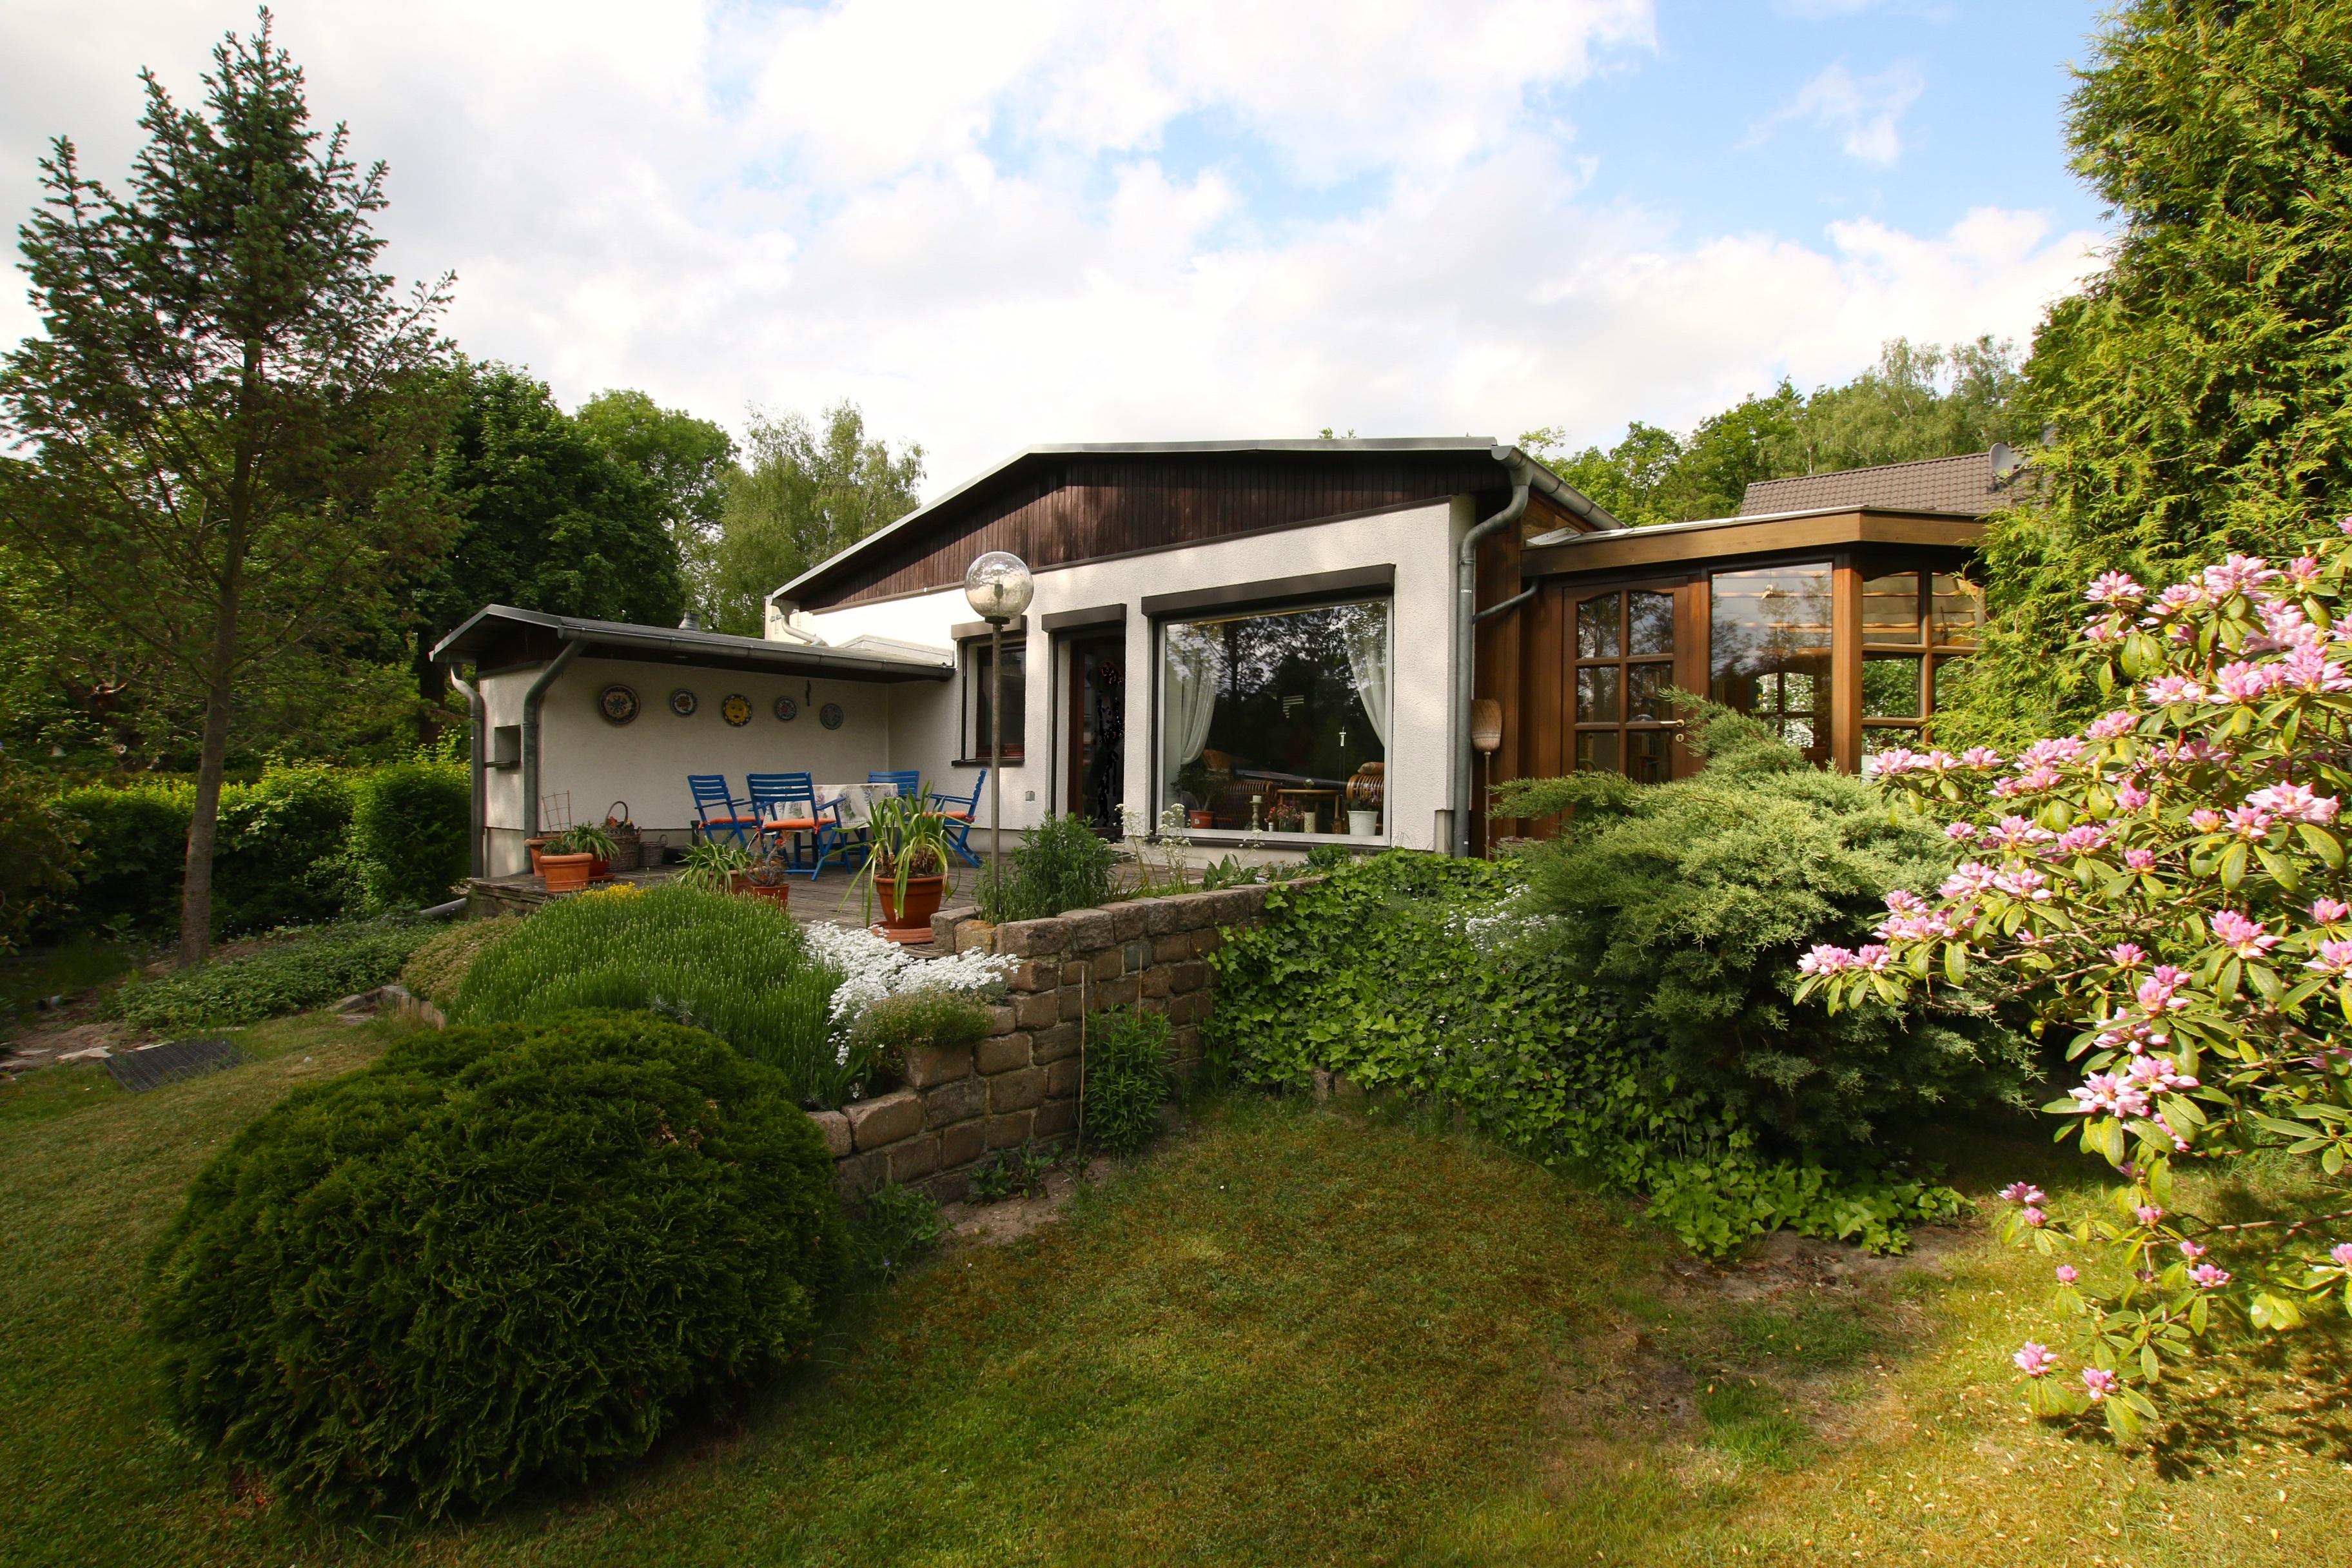 Bungalow Verkauf in Rahnsdorf mit Wassergrundstück